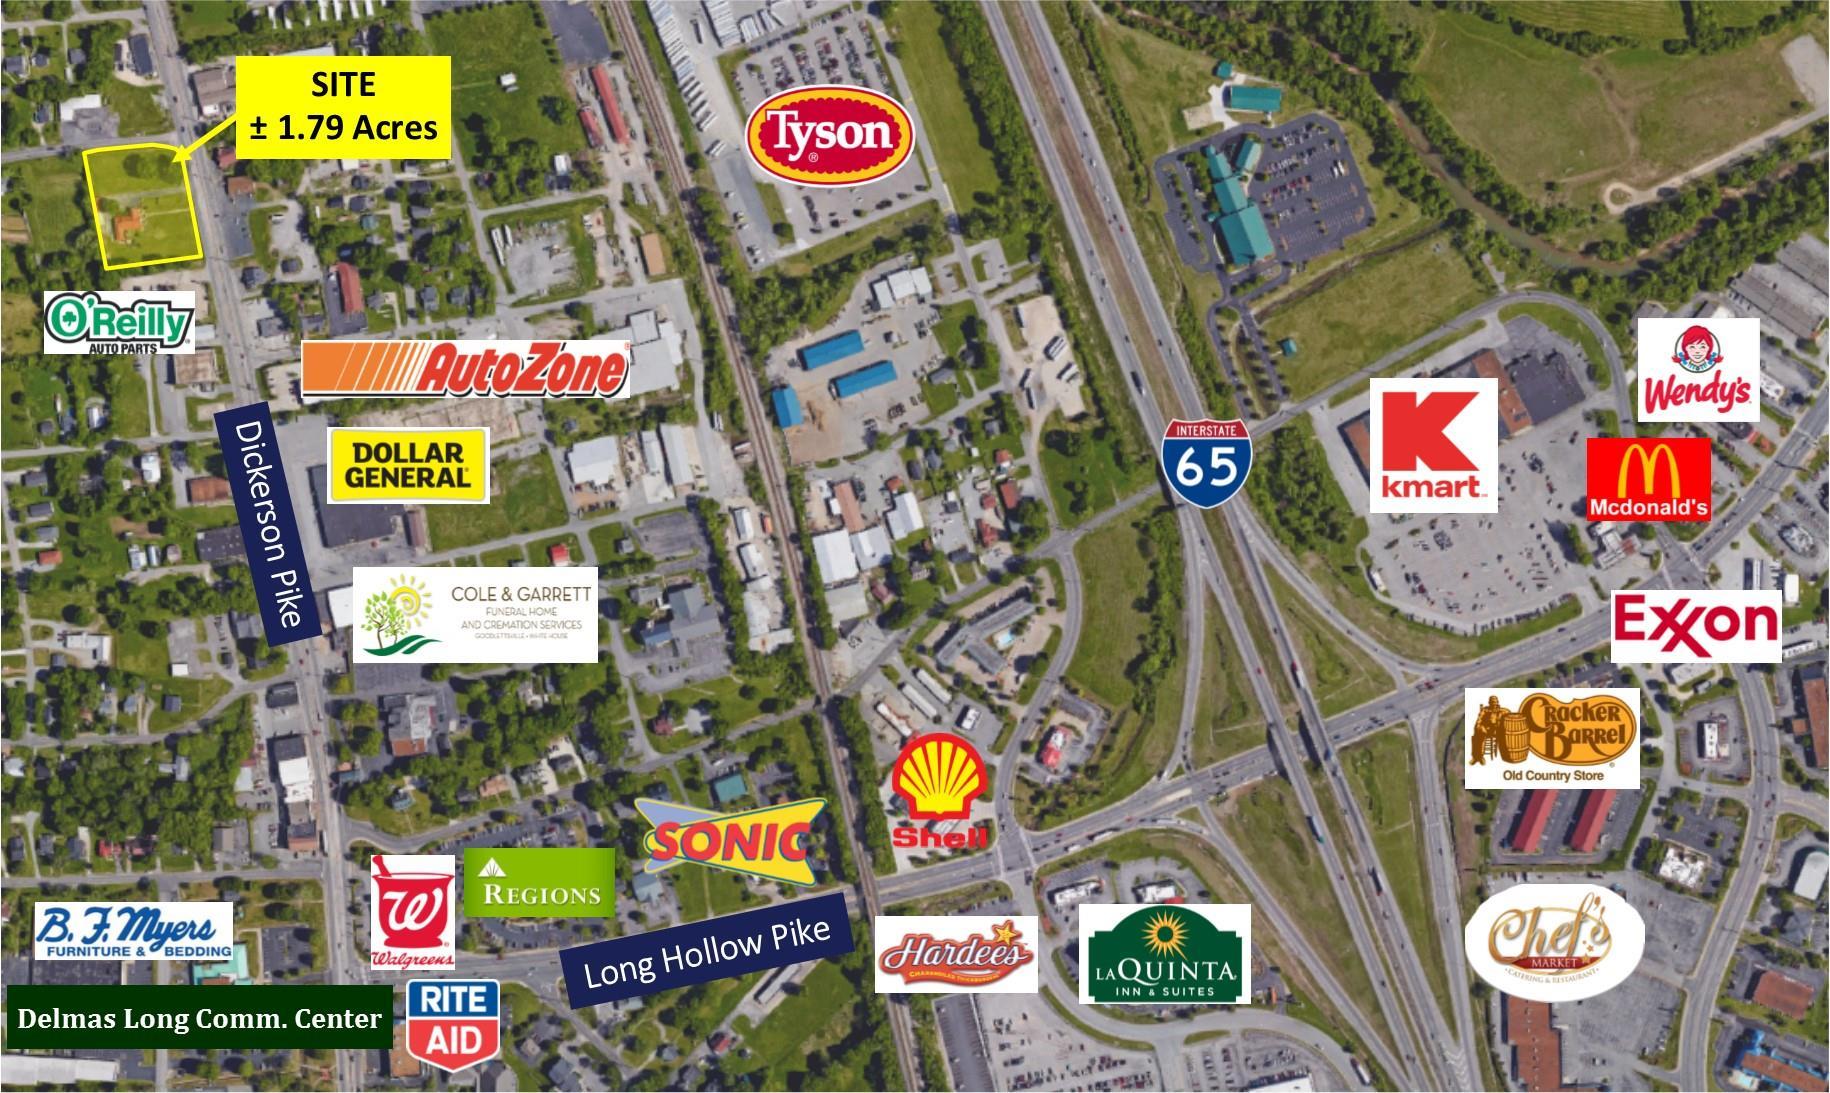 434 Main Street, N, Goodlettsville, TN 37072